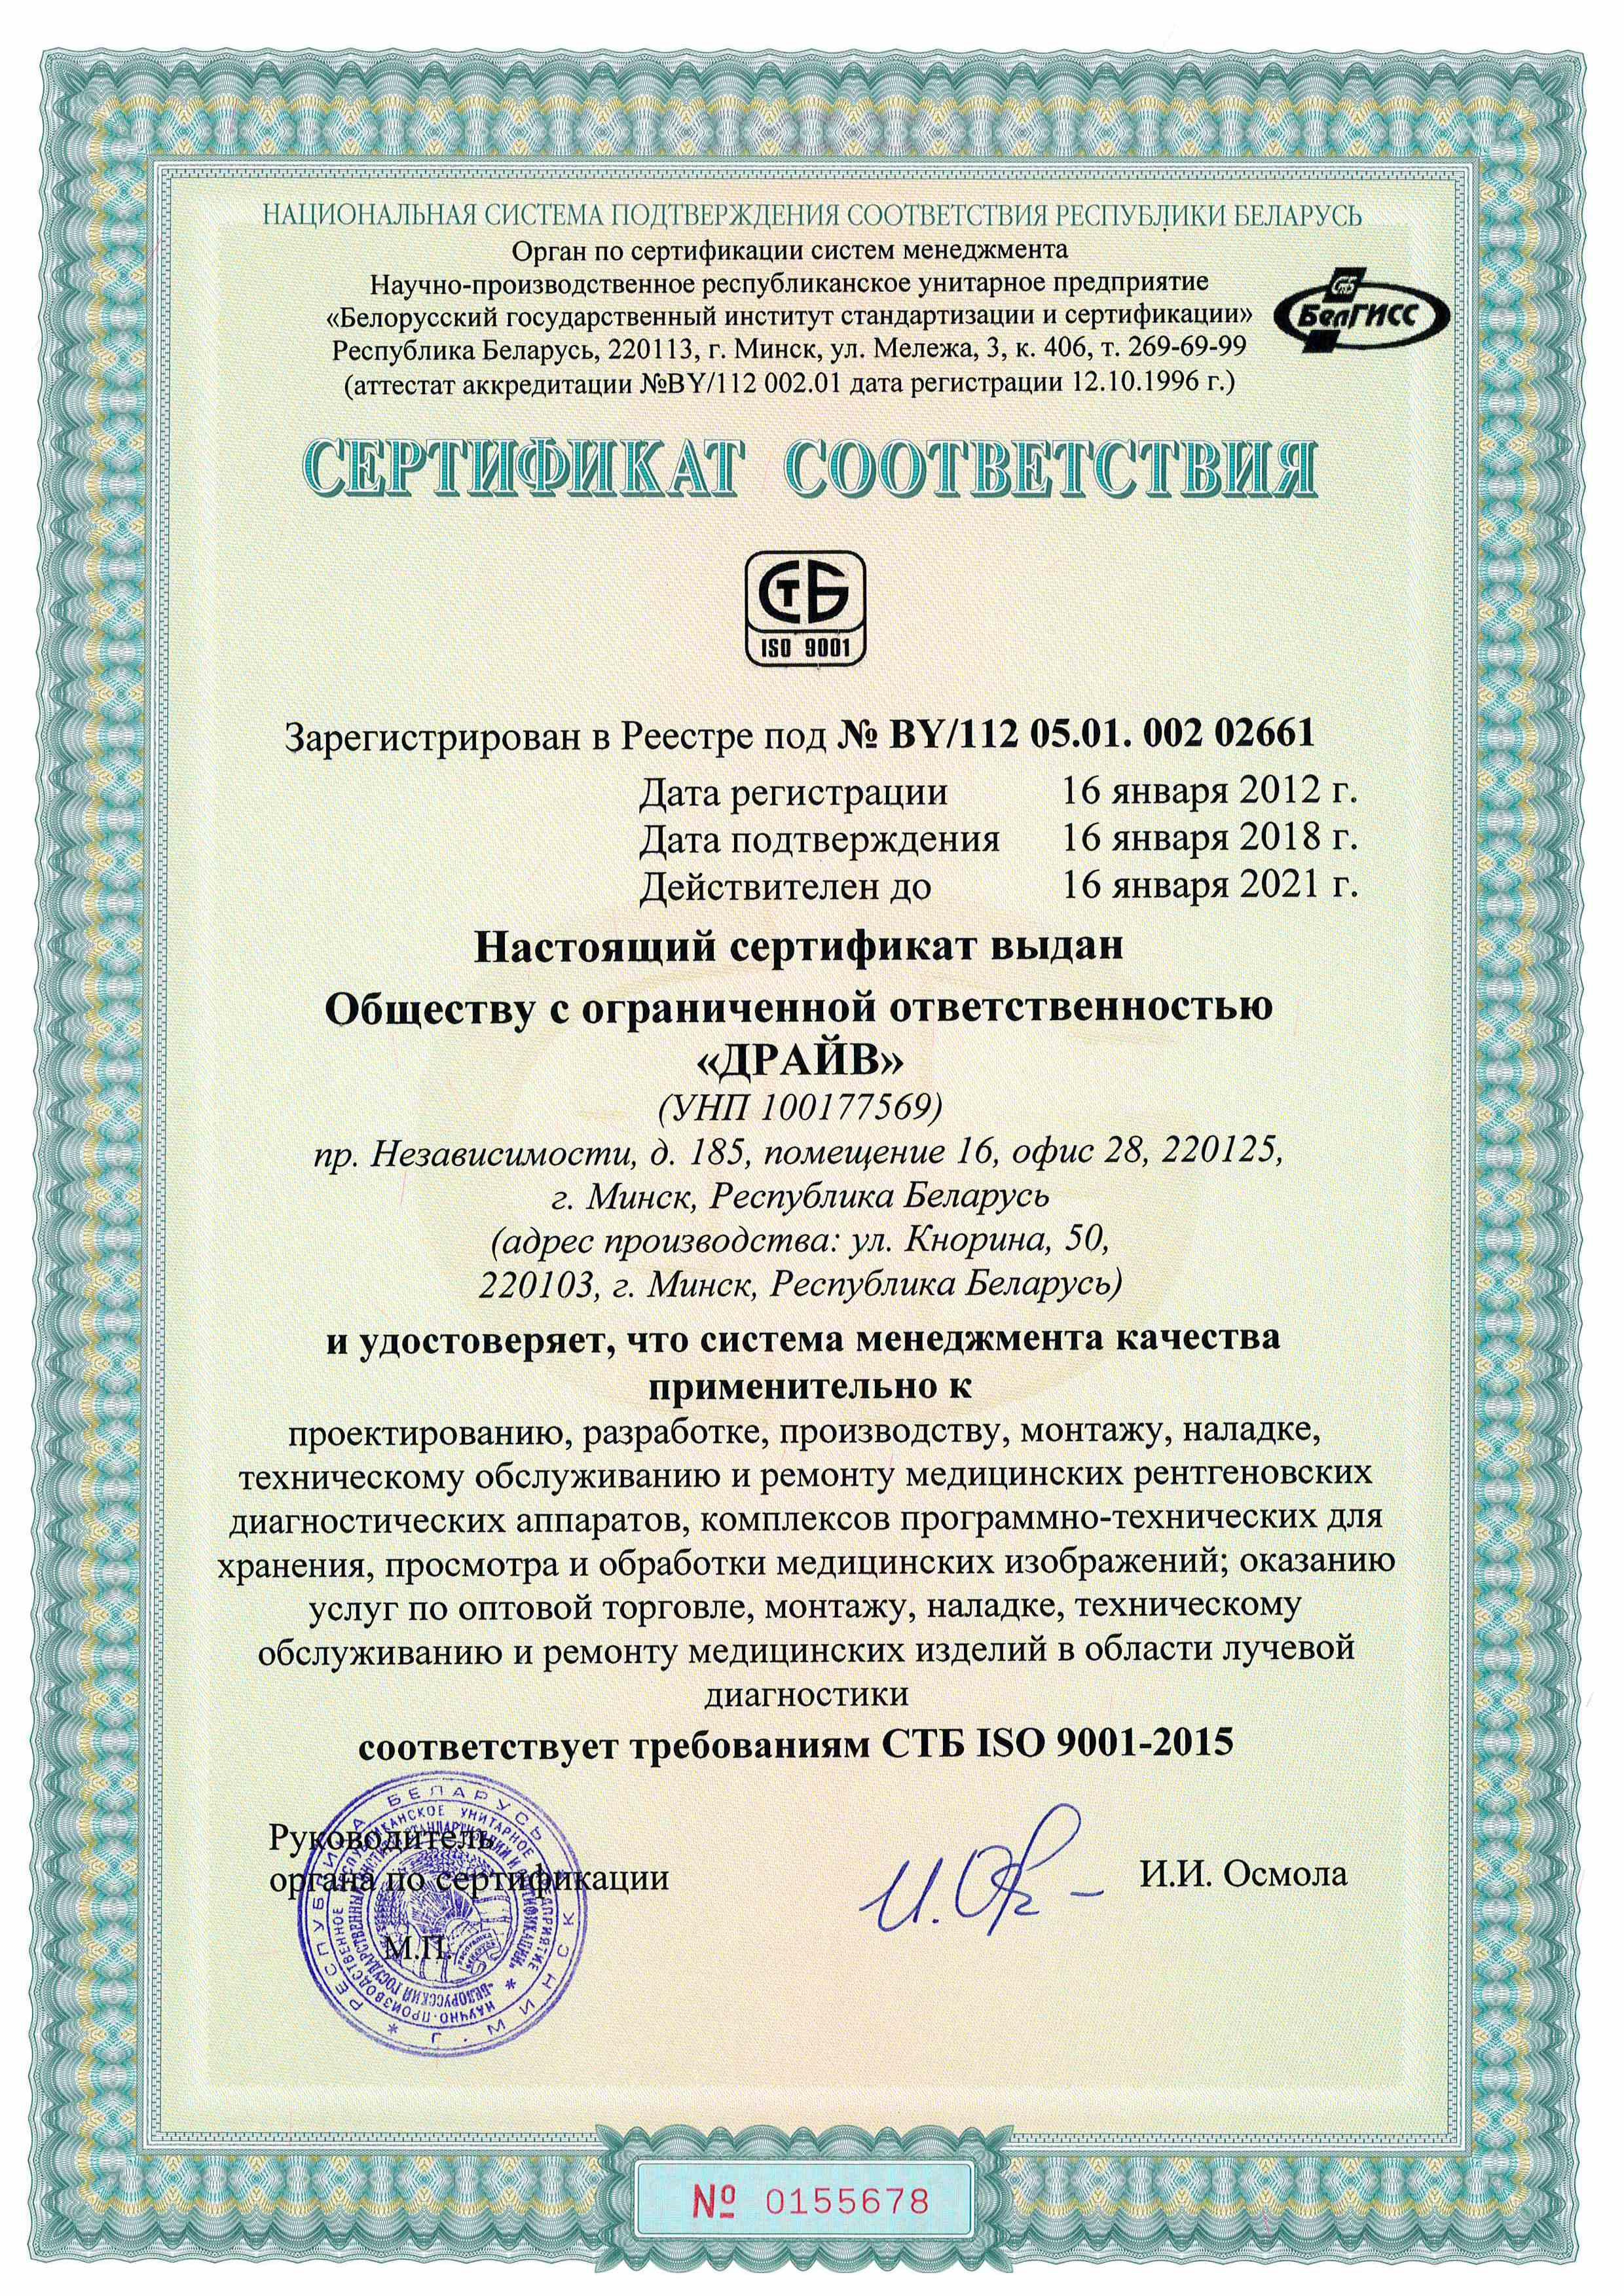 Сертификат ISO 9001-2009 и 13845-2005 русский цветной по 2021 год_Page_1